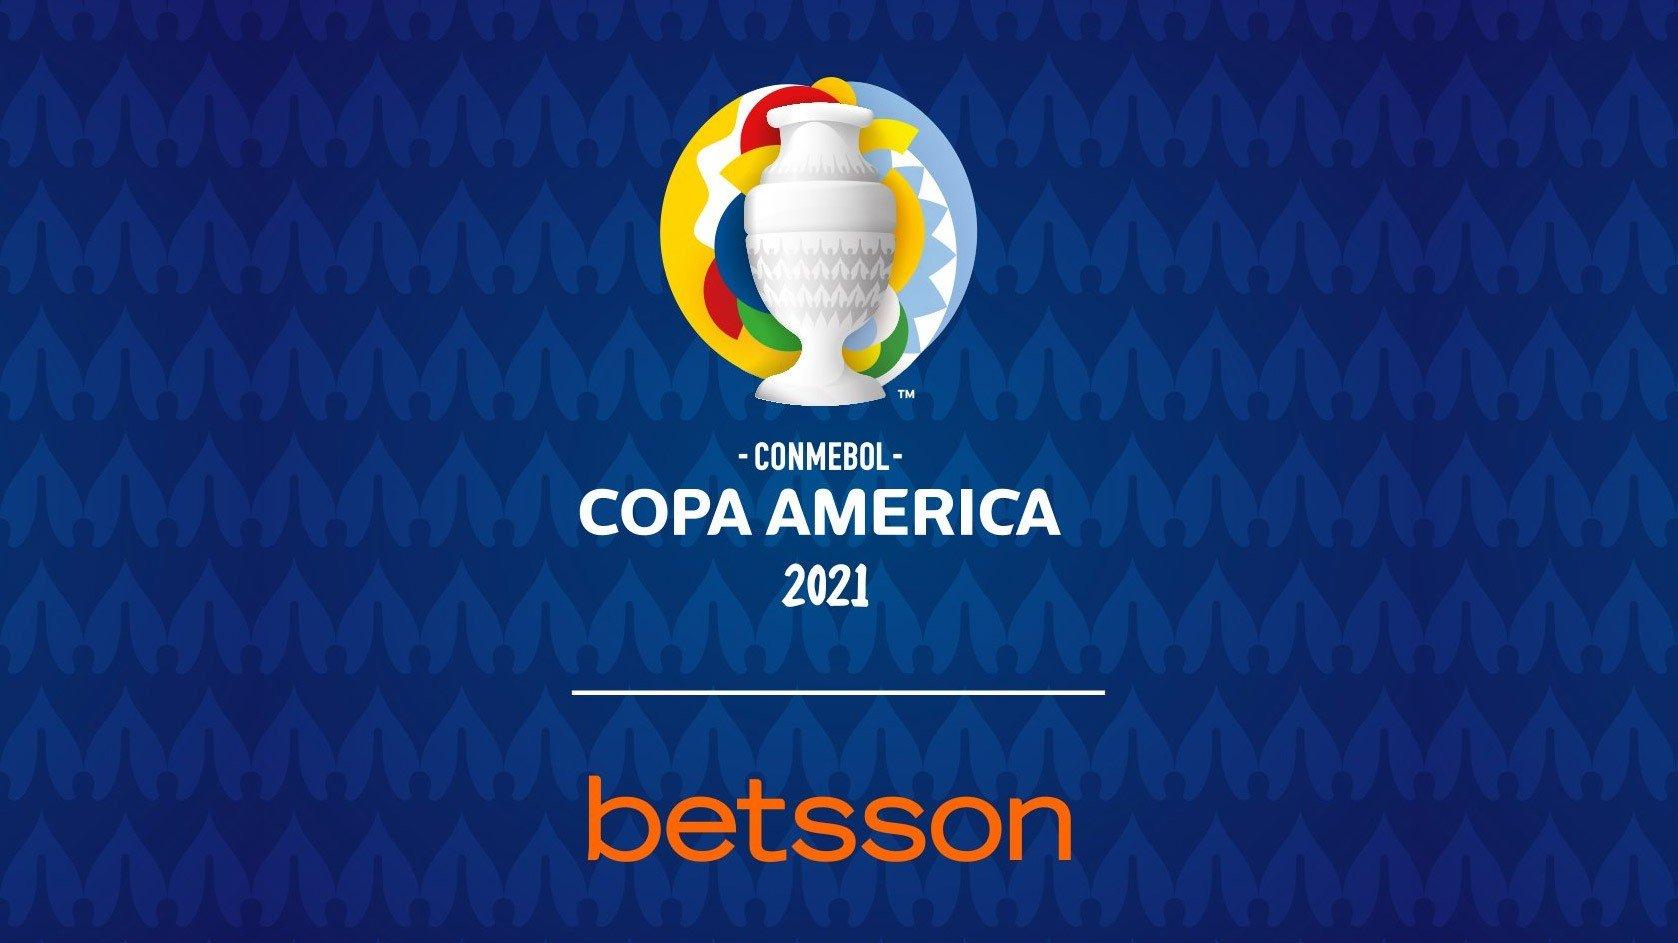 Betsson fortalece sus lazos con el fútbol latinoamericano y se convierte en sponsor regional de la CONMEBOL Copa América 2021